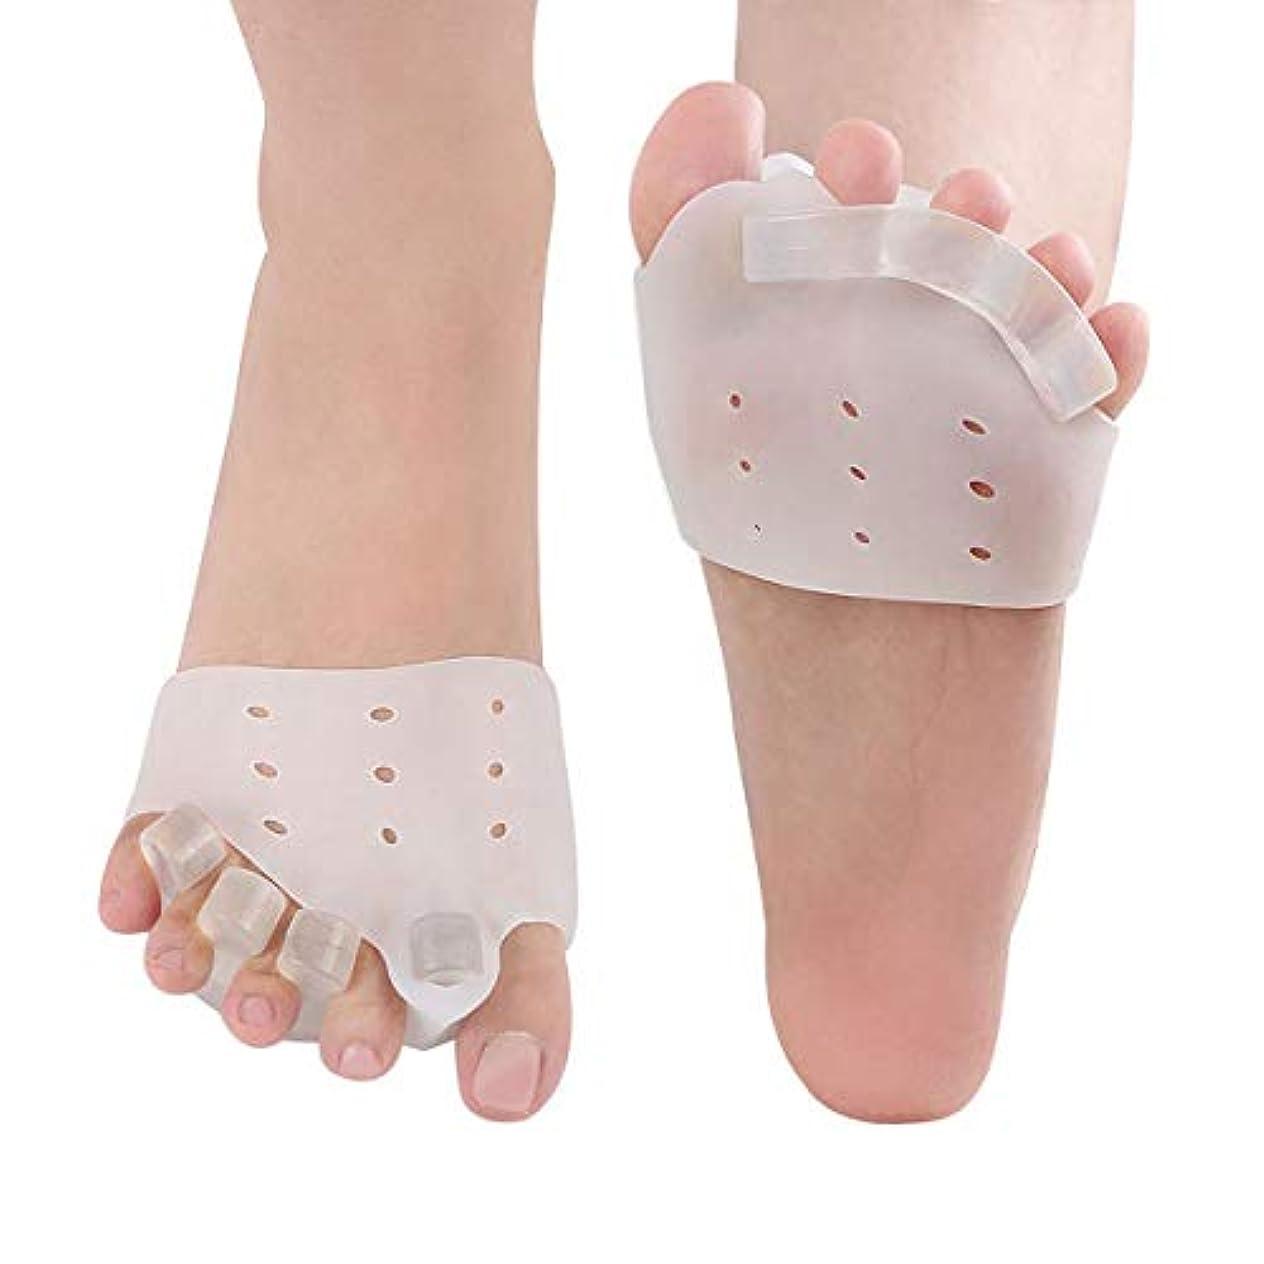 極小スクリュー決定足指パッド セパレーター 矯正 足指を広げる 外反母趾矯正 内反小趾 サポーター 足指矯正パッド 足指分離 足指 シリコンパッド 足用保護パッド 足の痛みを軽減 男女兼用 左右兼用 (左右セット)